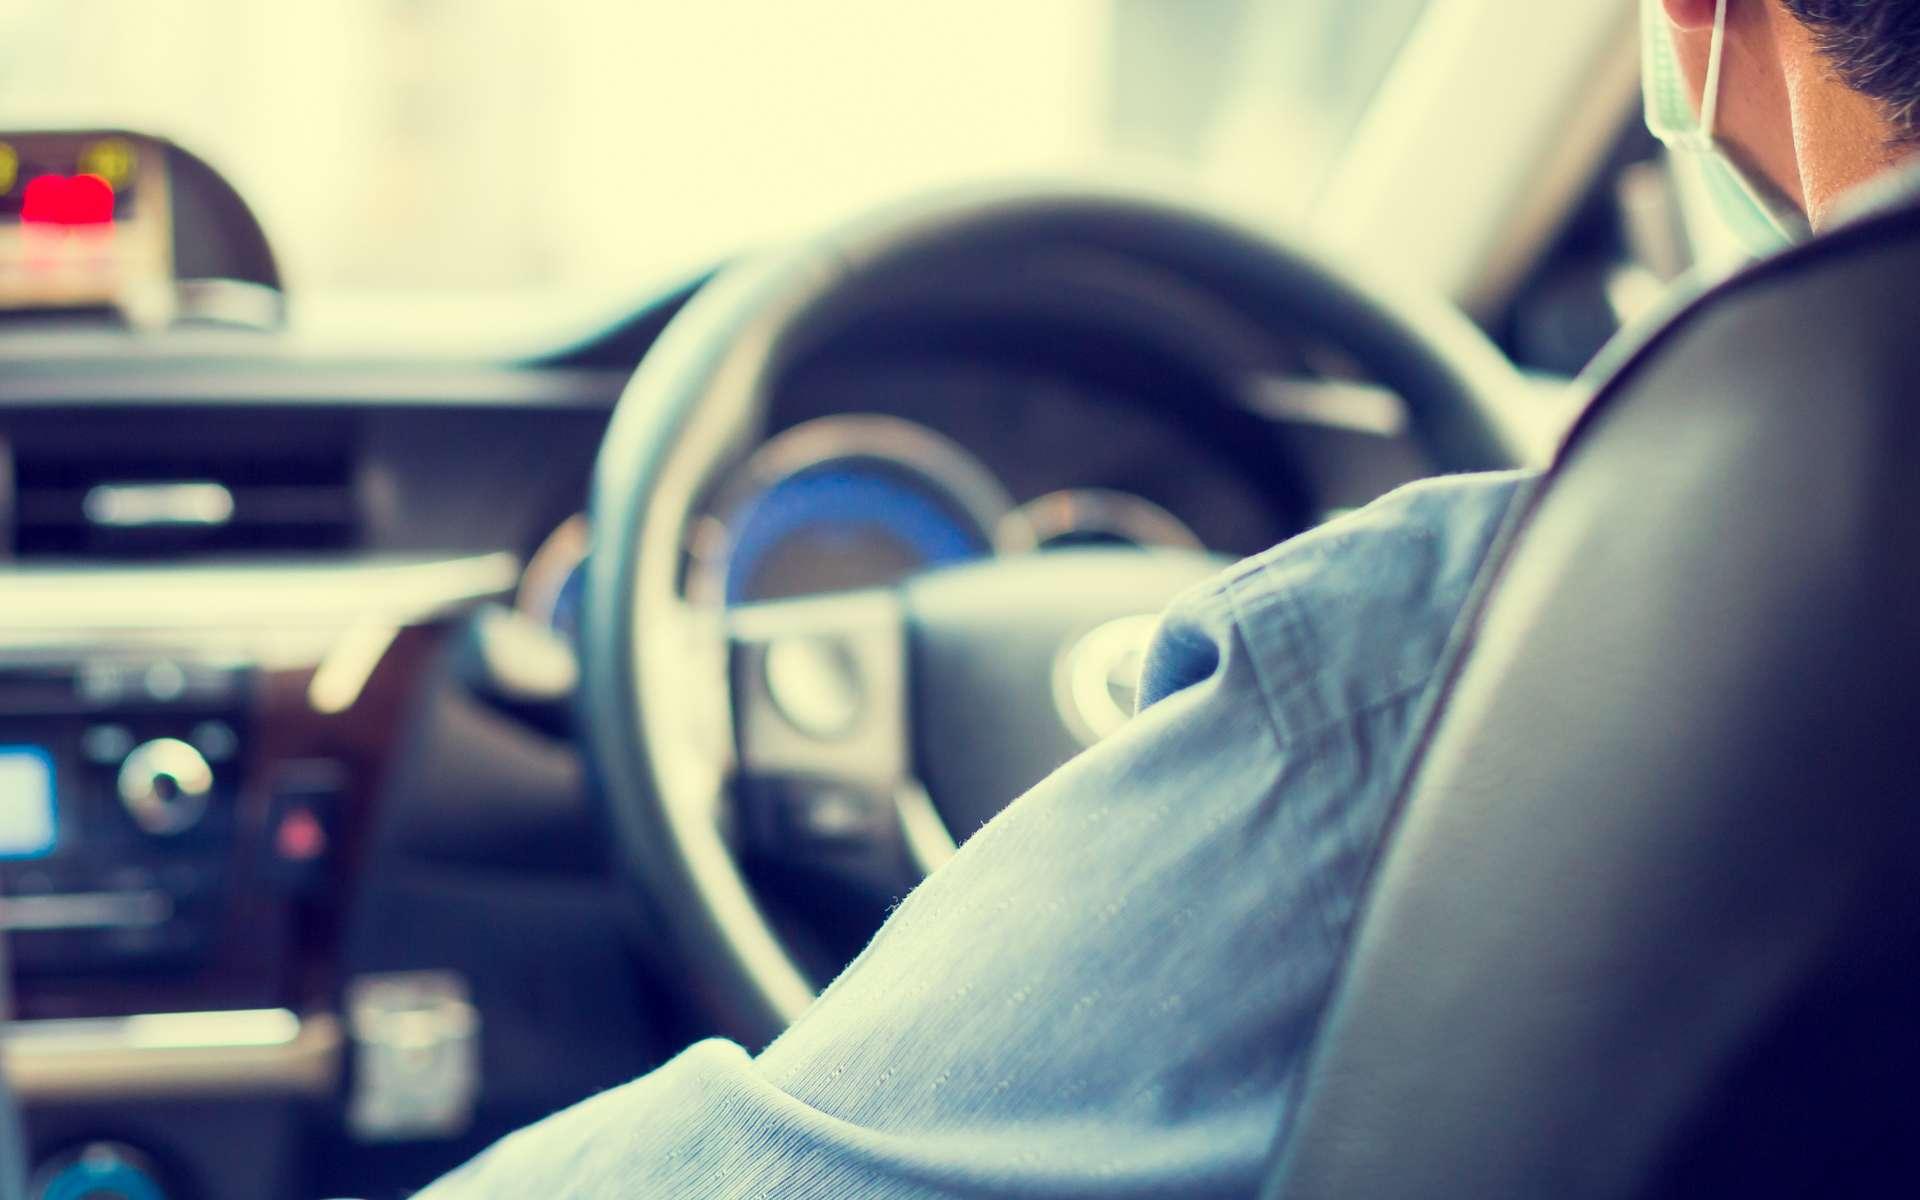 Comment et qui peut bénéficier d'un taxi conventionné ? © Koonsiri, Adobe Stock